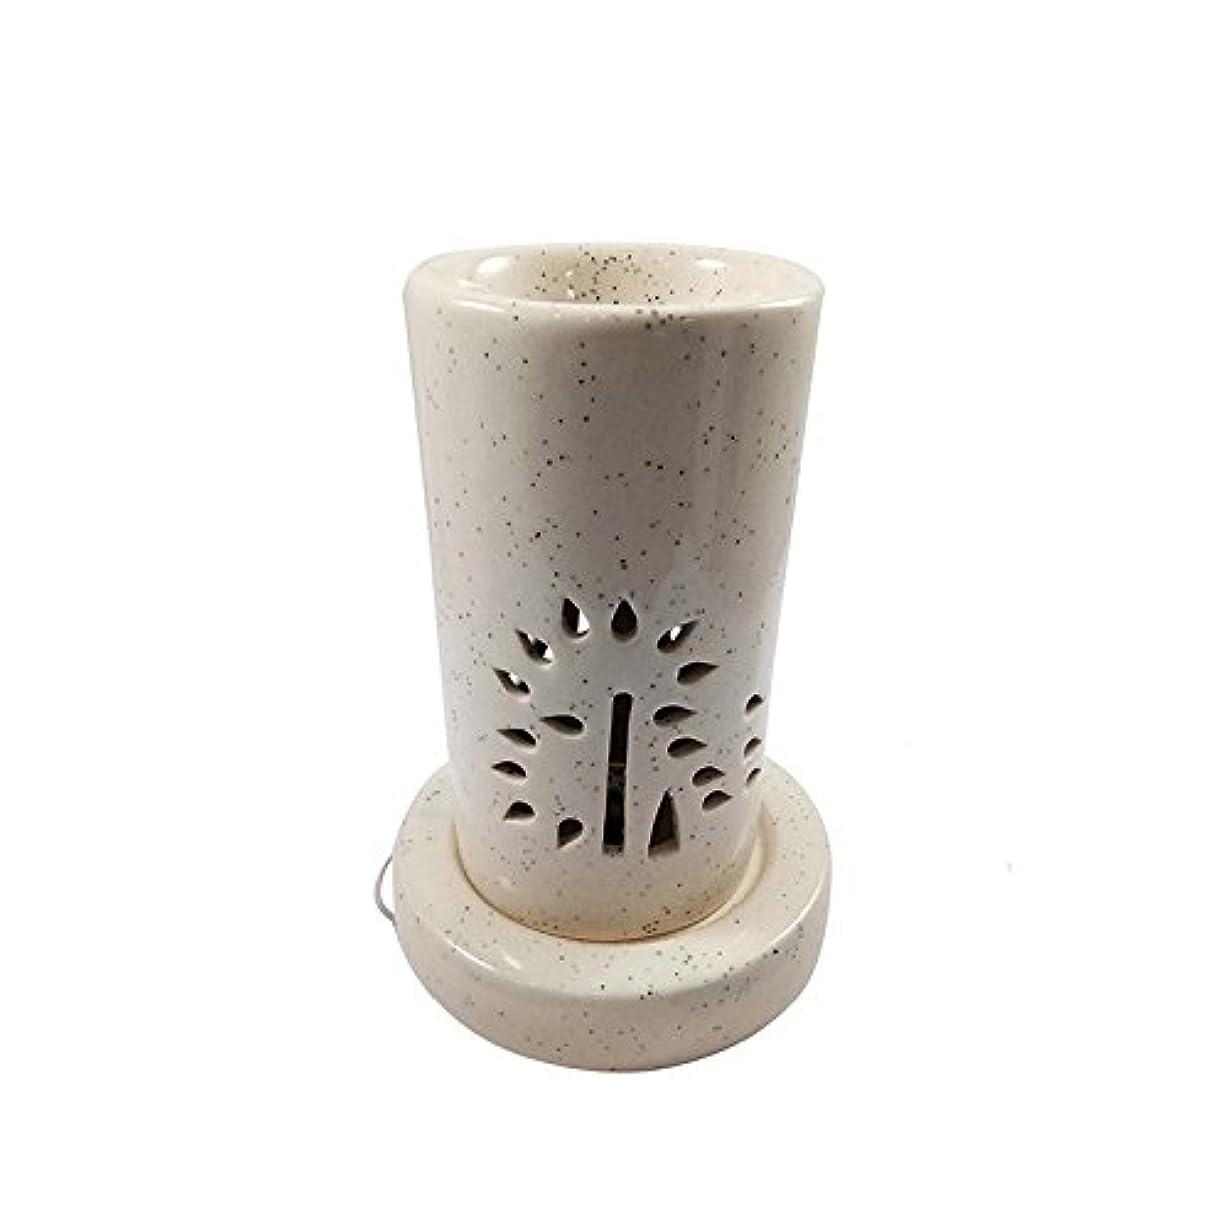 緊張未就学球状ホームデコレーション定期的に使用する汚染のない手作りセラミックエスニックアロマディフューザーオイルバーナー|良質ブラウン色電気アロマテラピー香油暖かい数量1